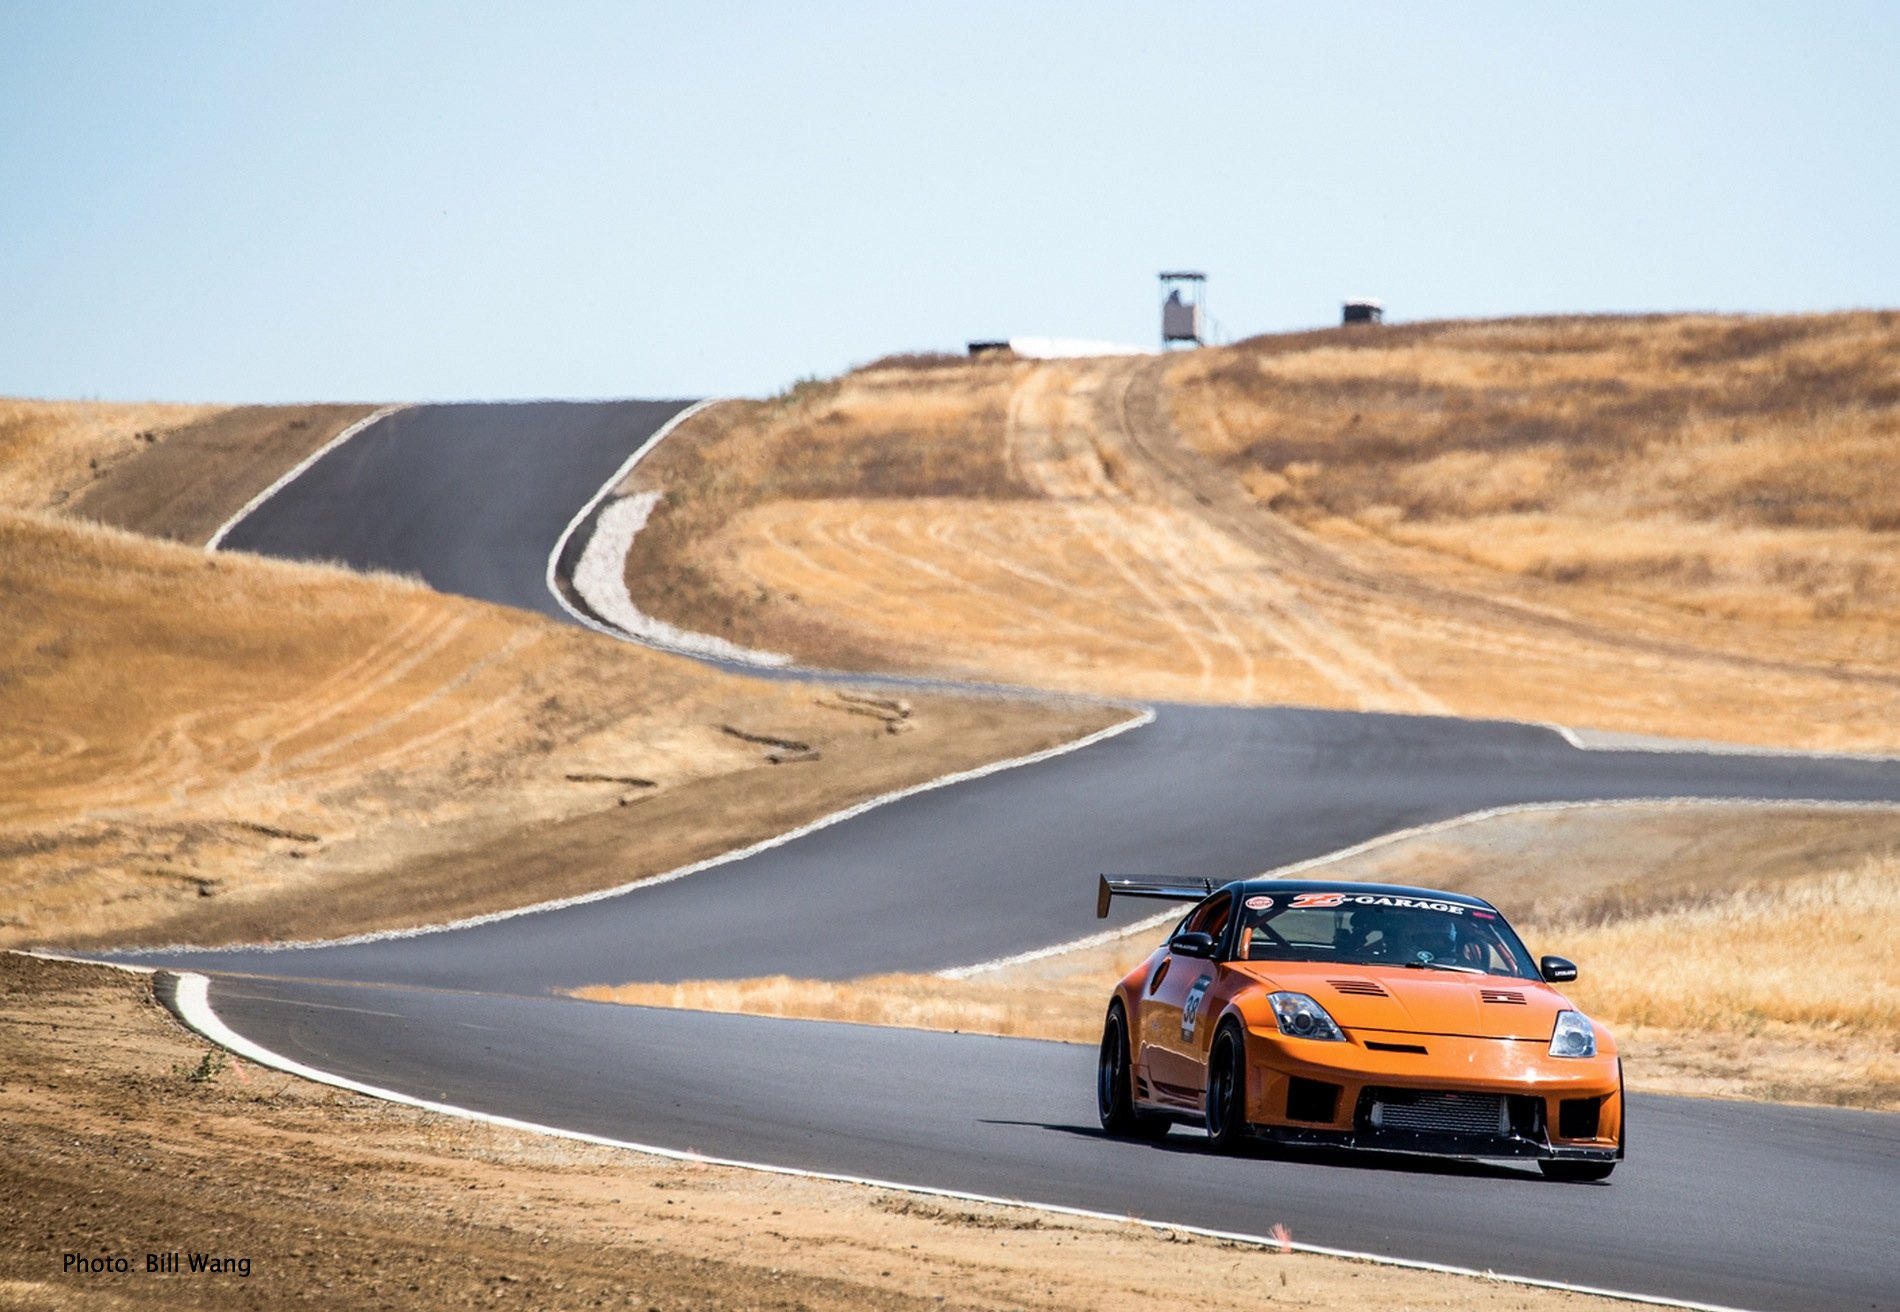 Thunderhill Race Car Wallpaper: Z-Car Blog » Post Topic » Track Day 10/12: Thunderhill